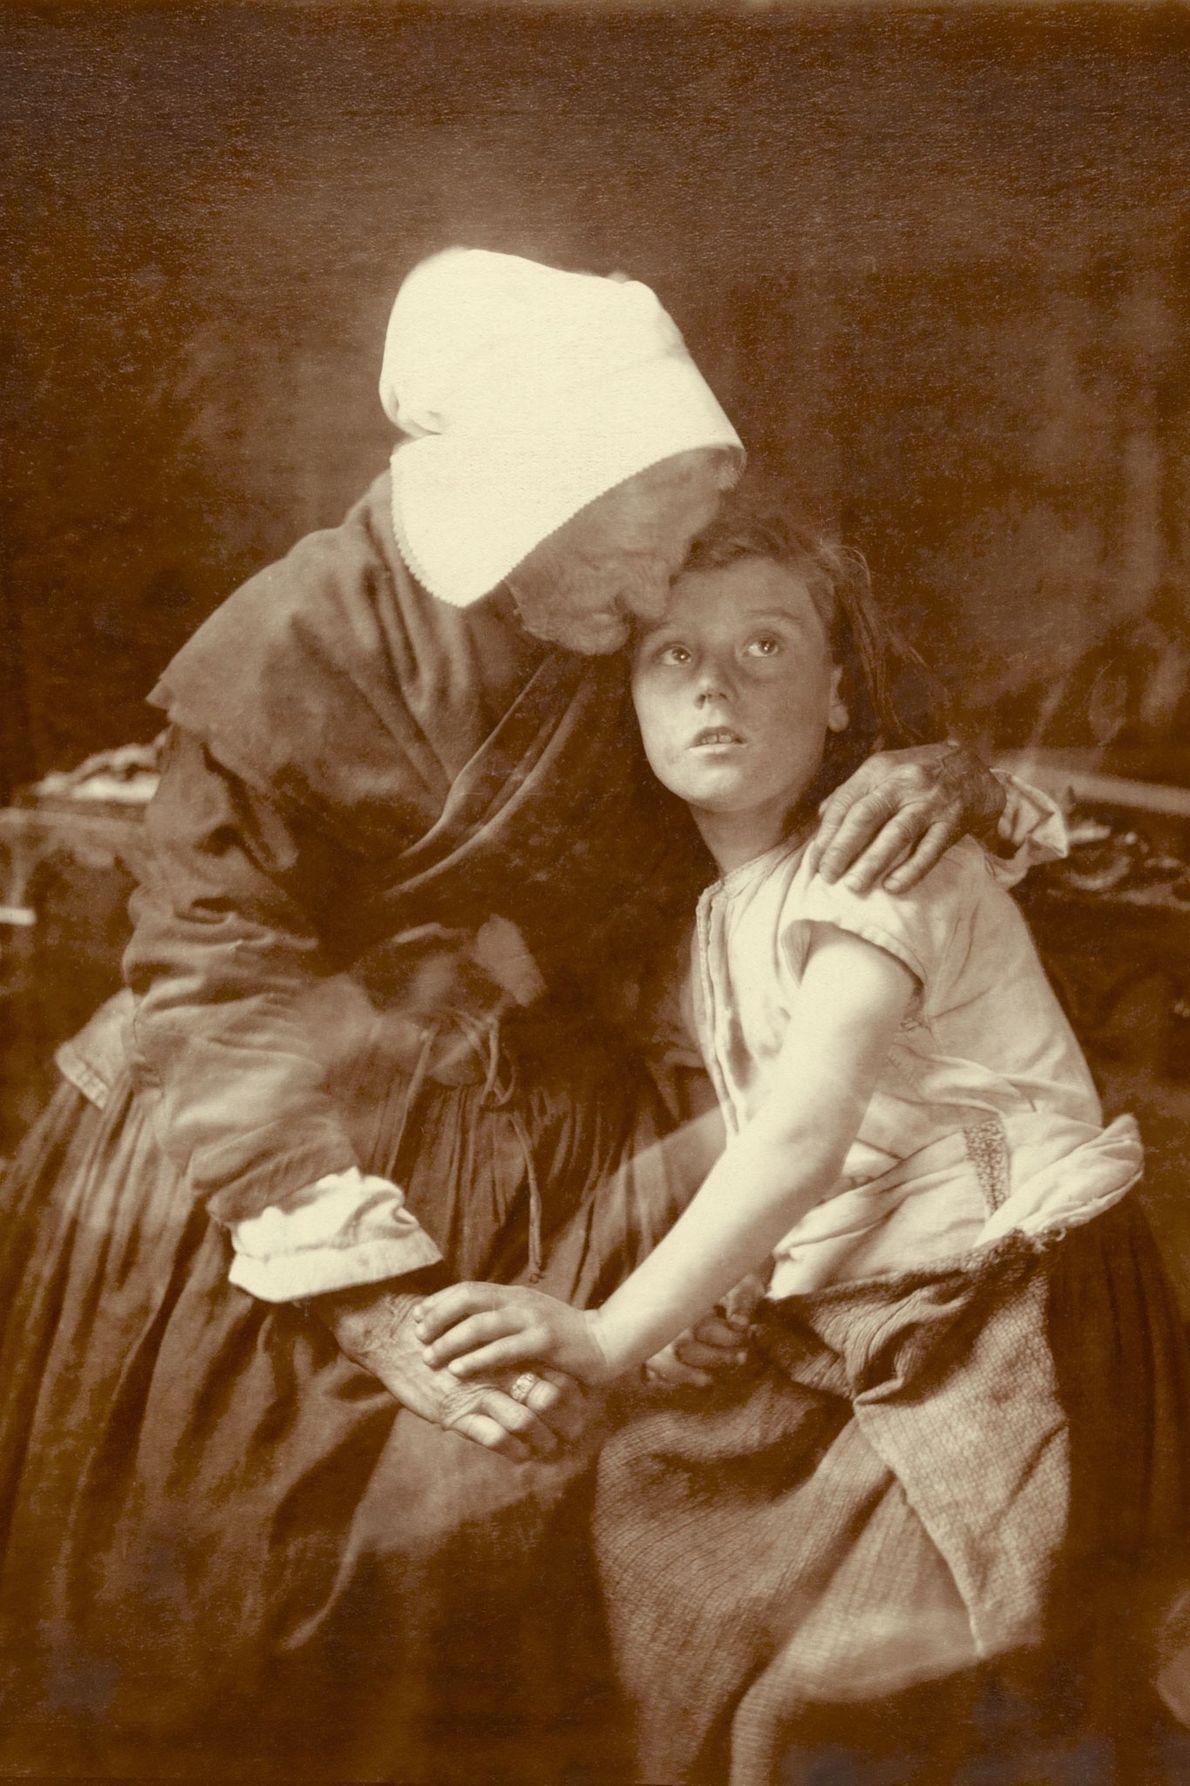 Uma avó flamenga na Bélgica abraça uma criança.